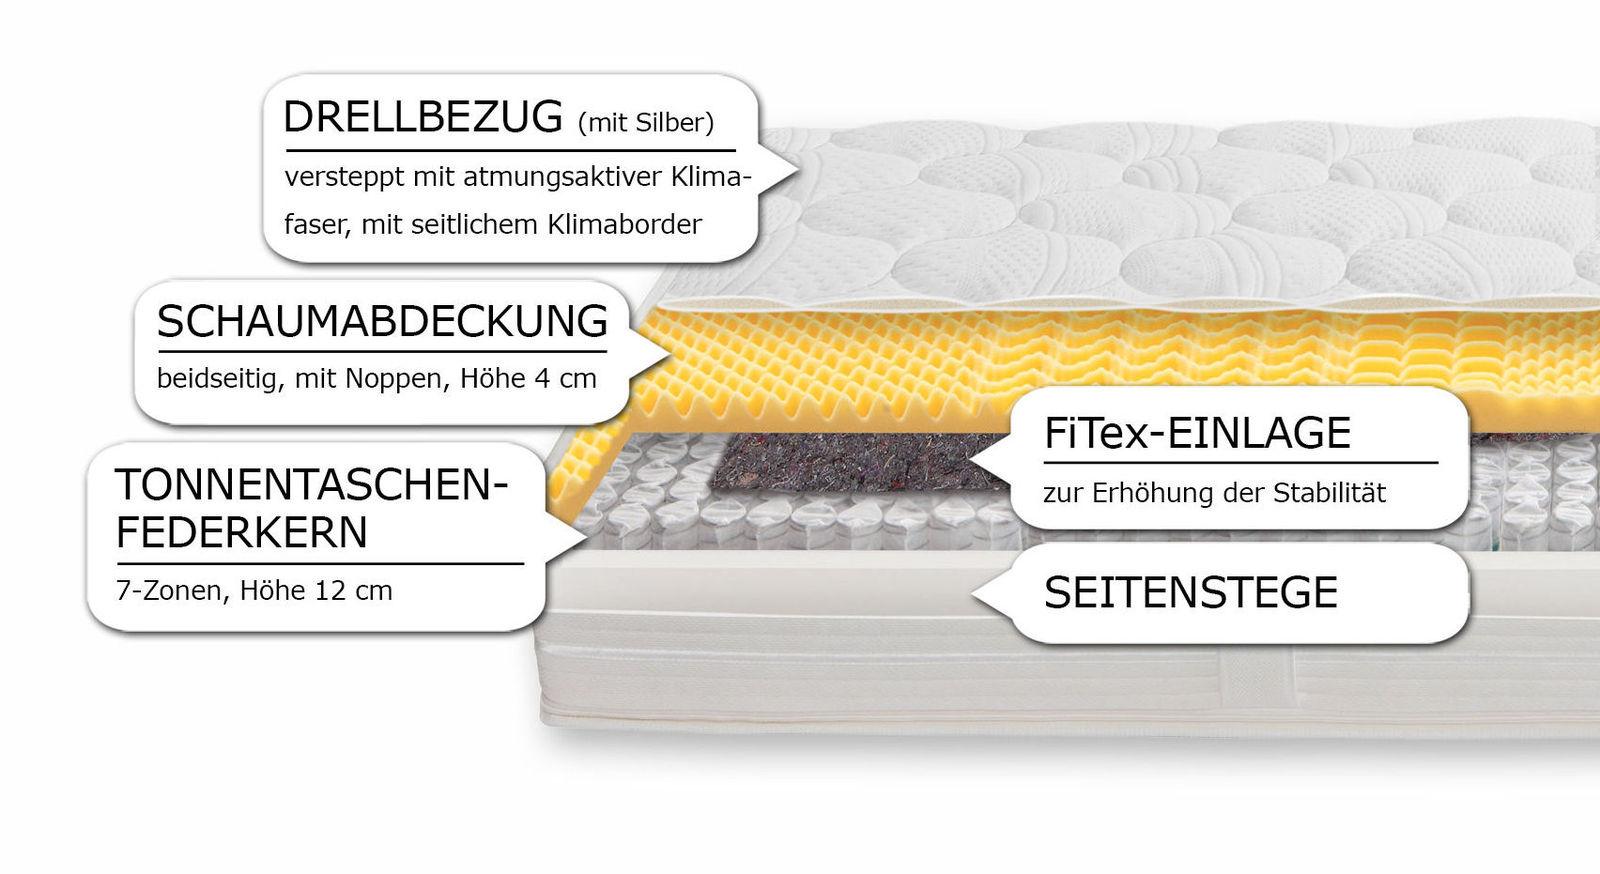 Taschenfederkern-Matratze Pan Premium mit Grafik zum Querschnitt